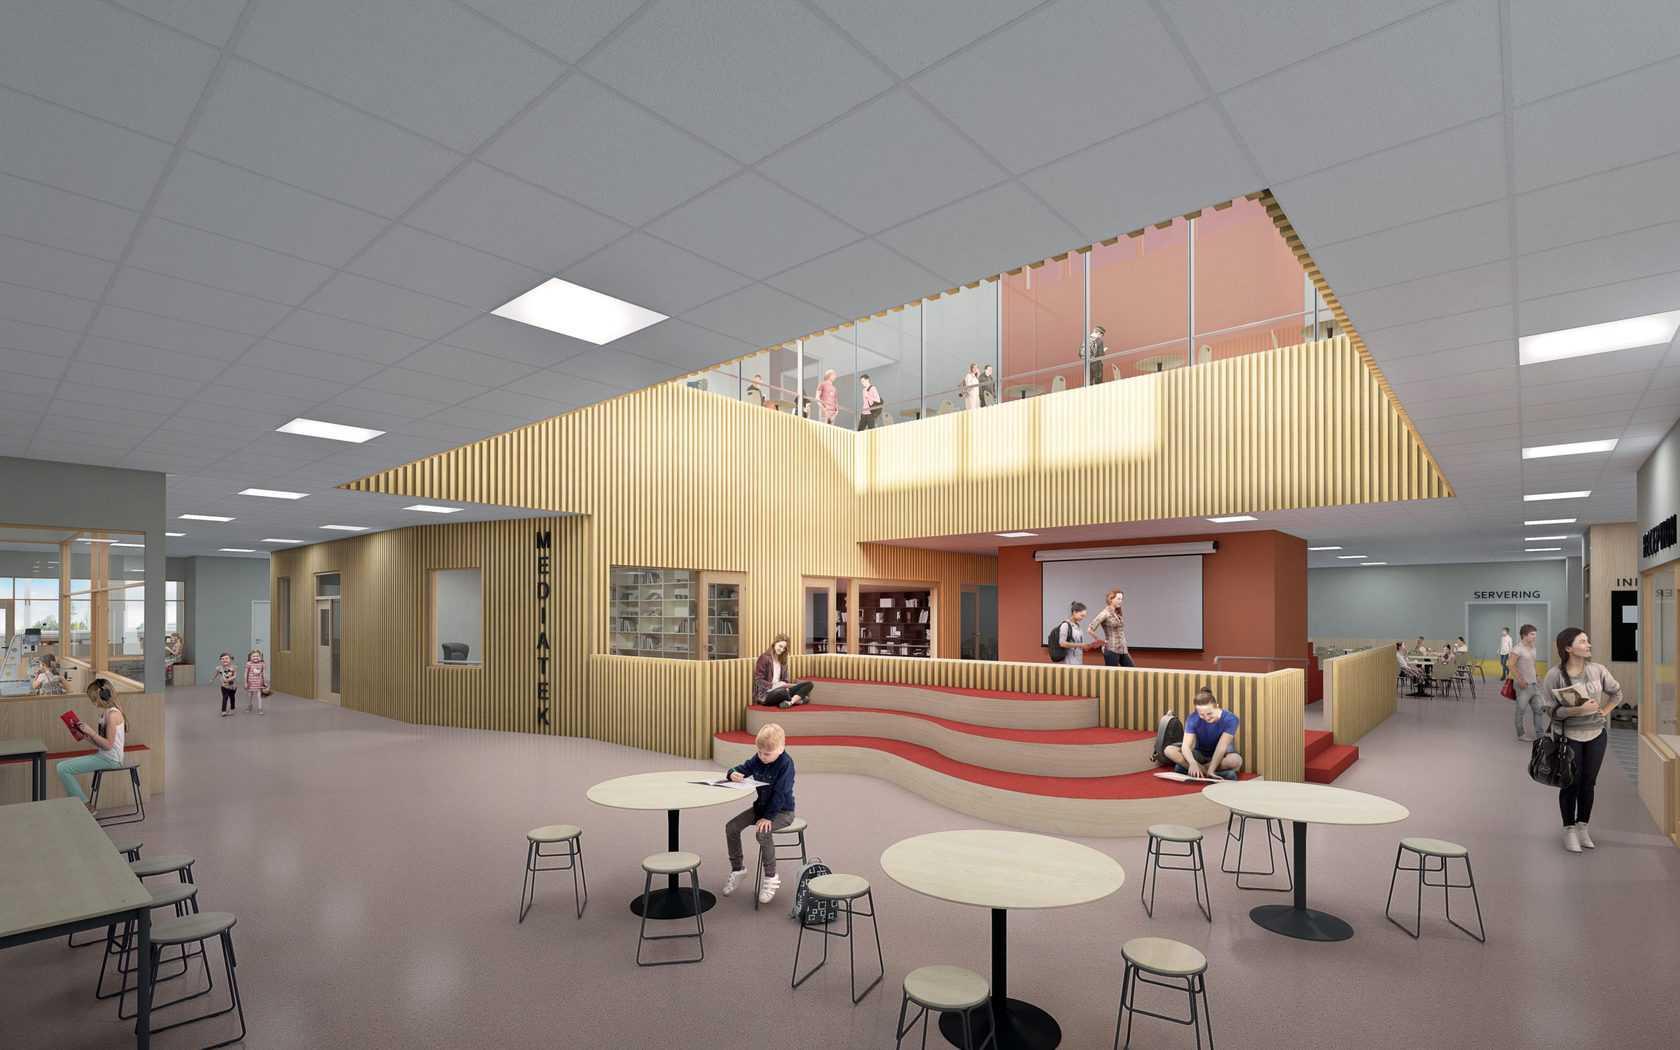 Här är en 3D bild på skolans ingång.